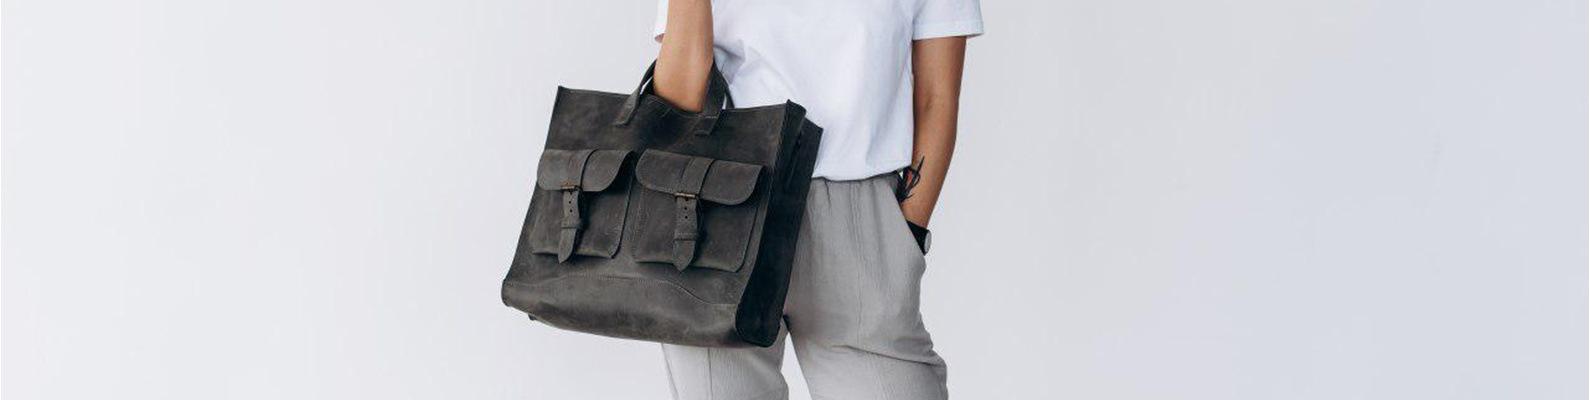 26b330906a98 Boorbon - кожаные сумки и аксессуары   ВКонтакте